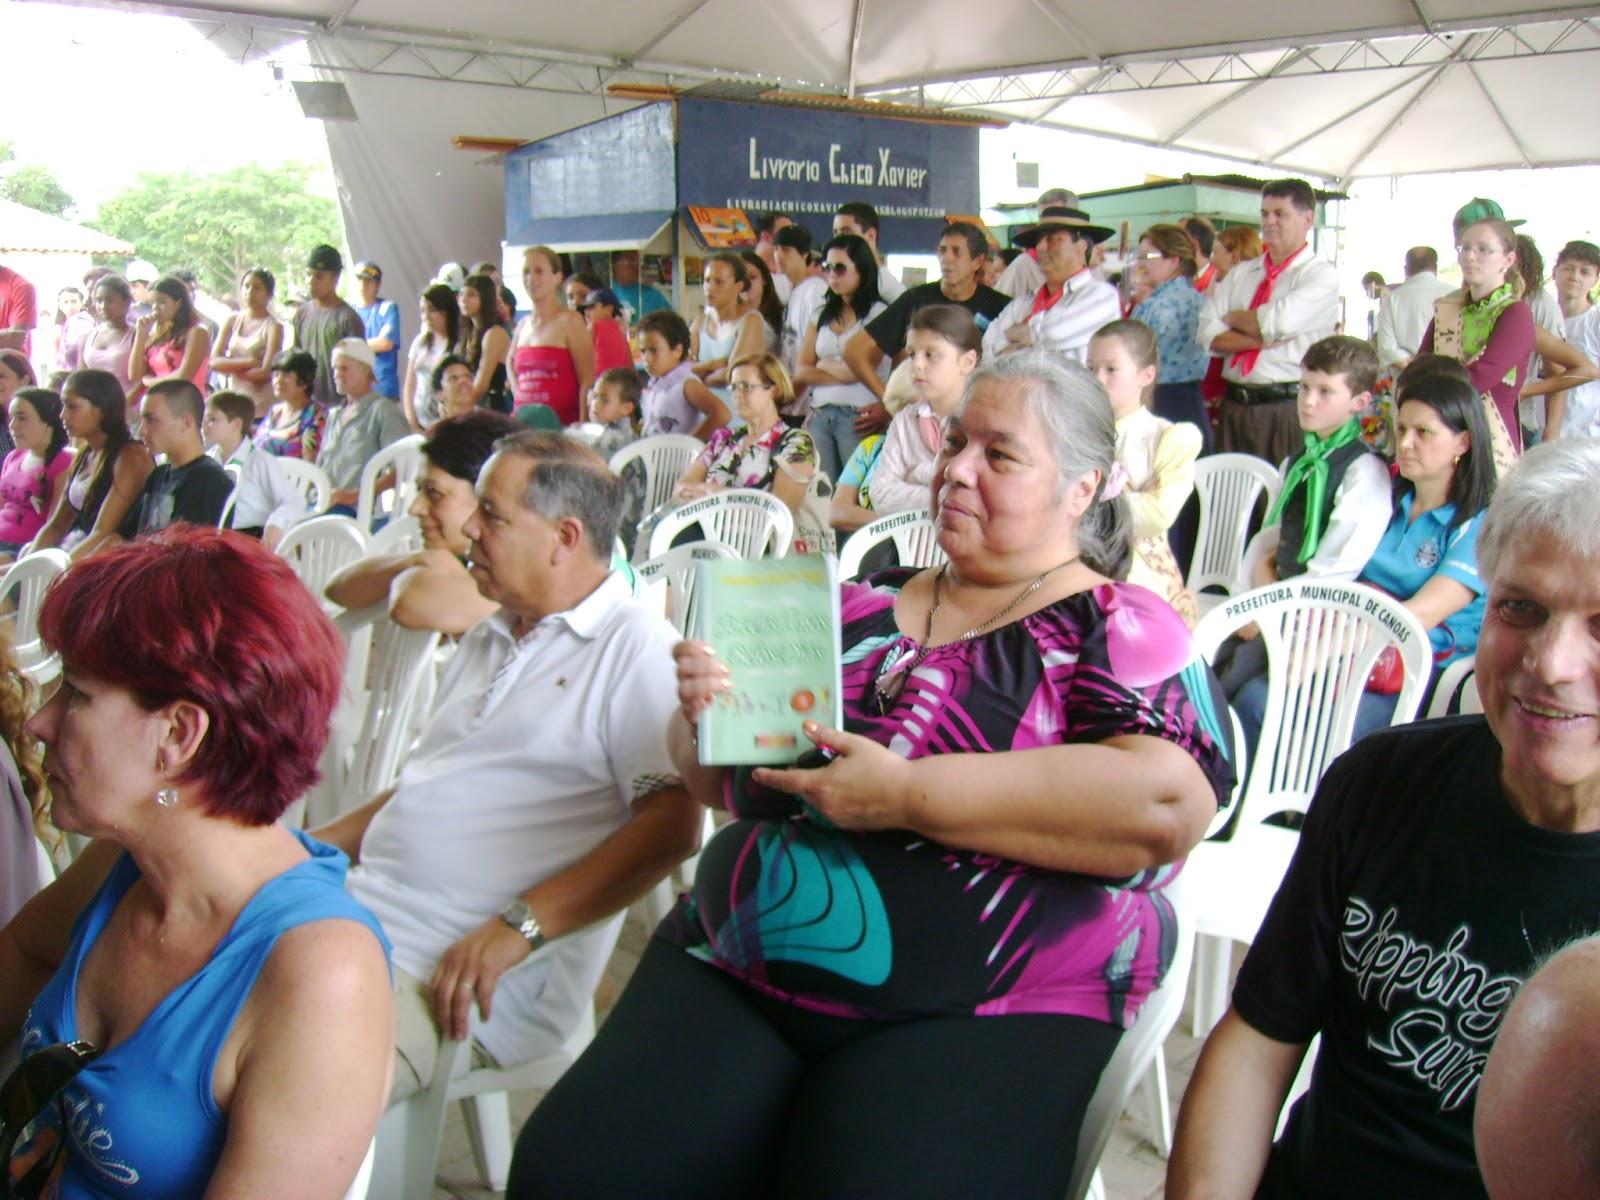 Expressivo público prestigiou e adquiriu exemplares do livro